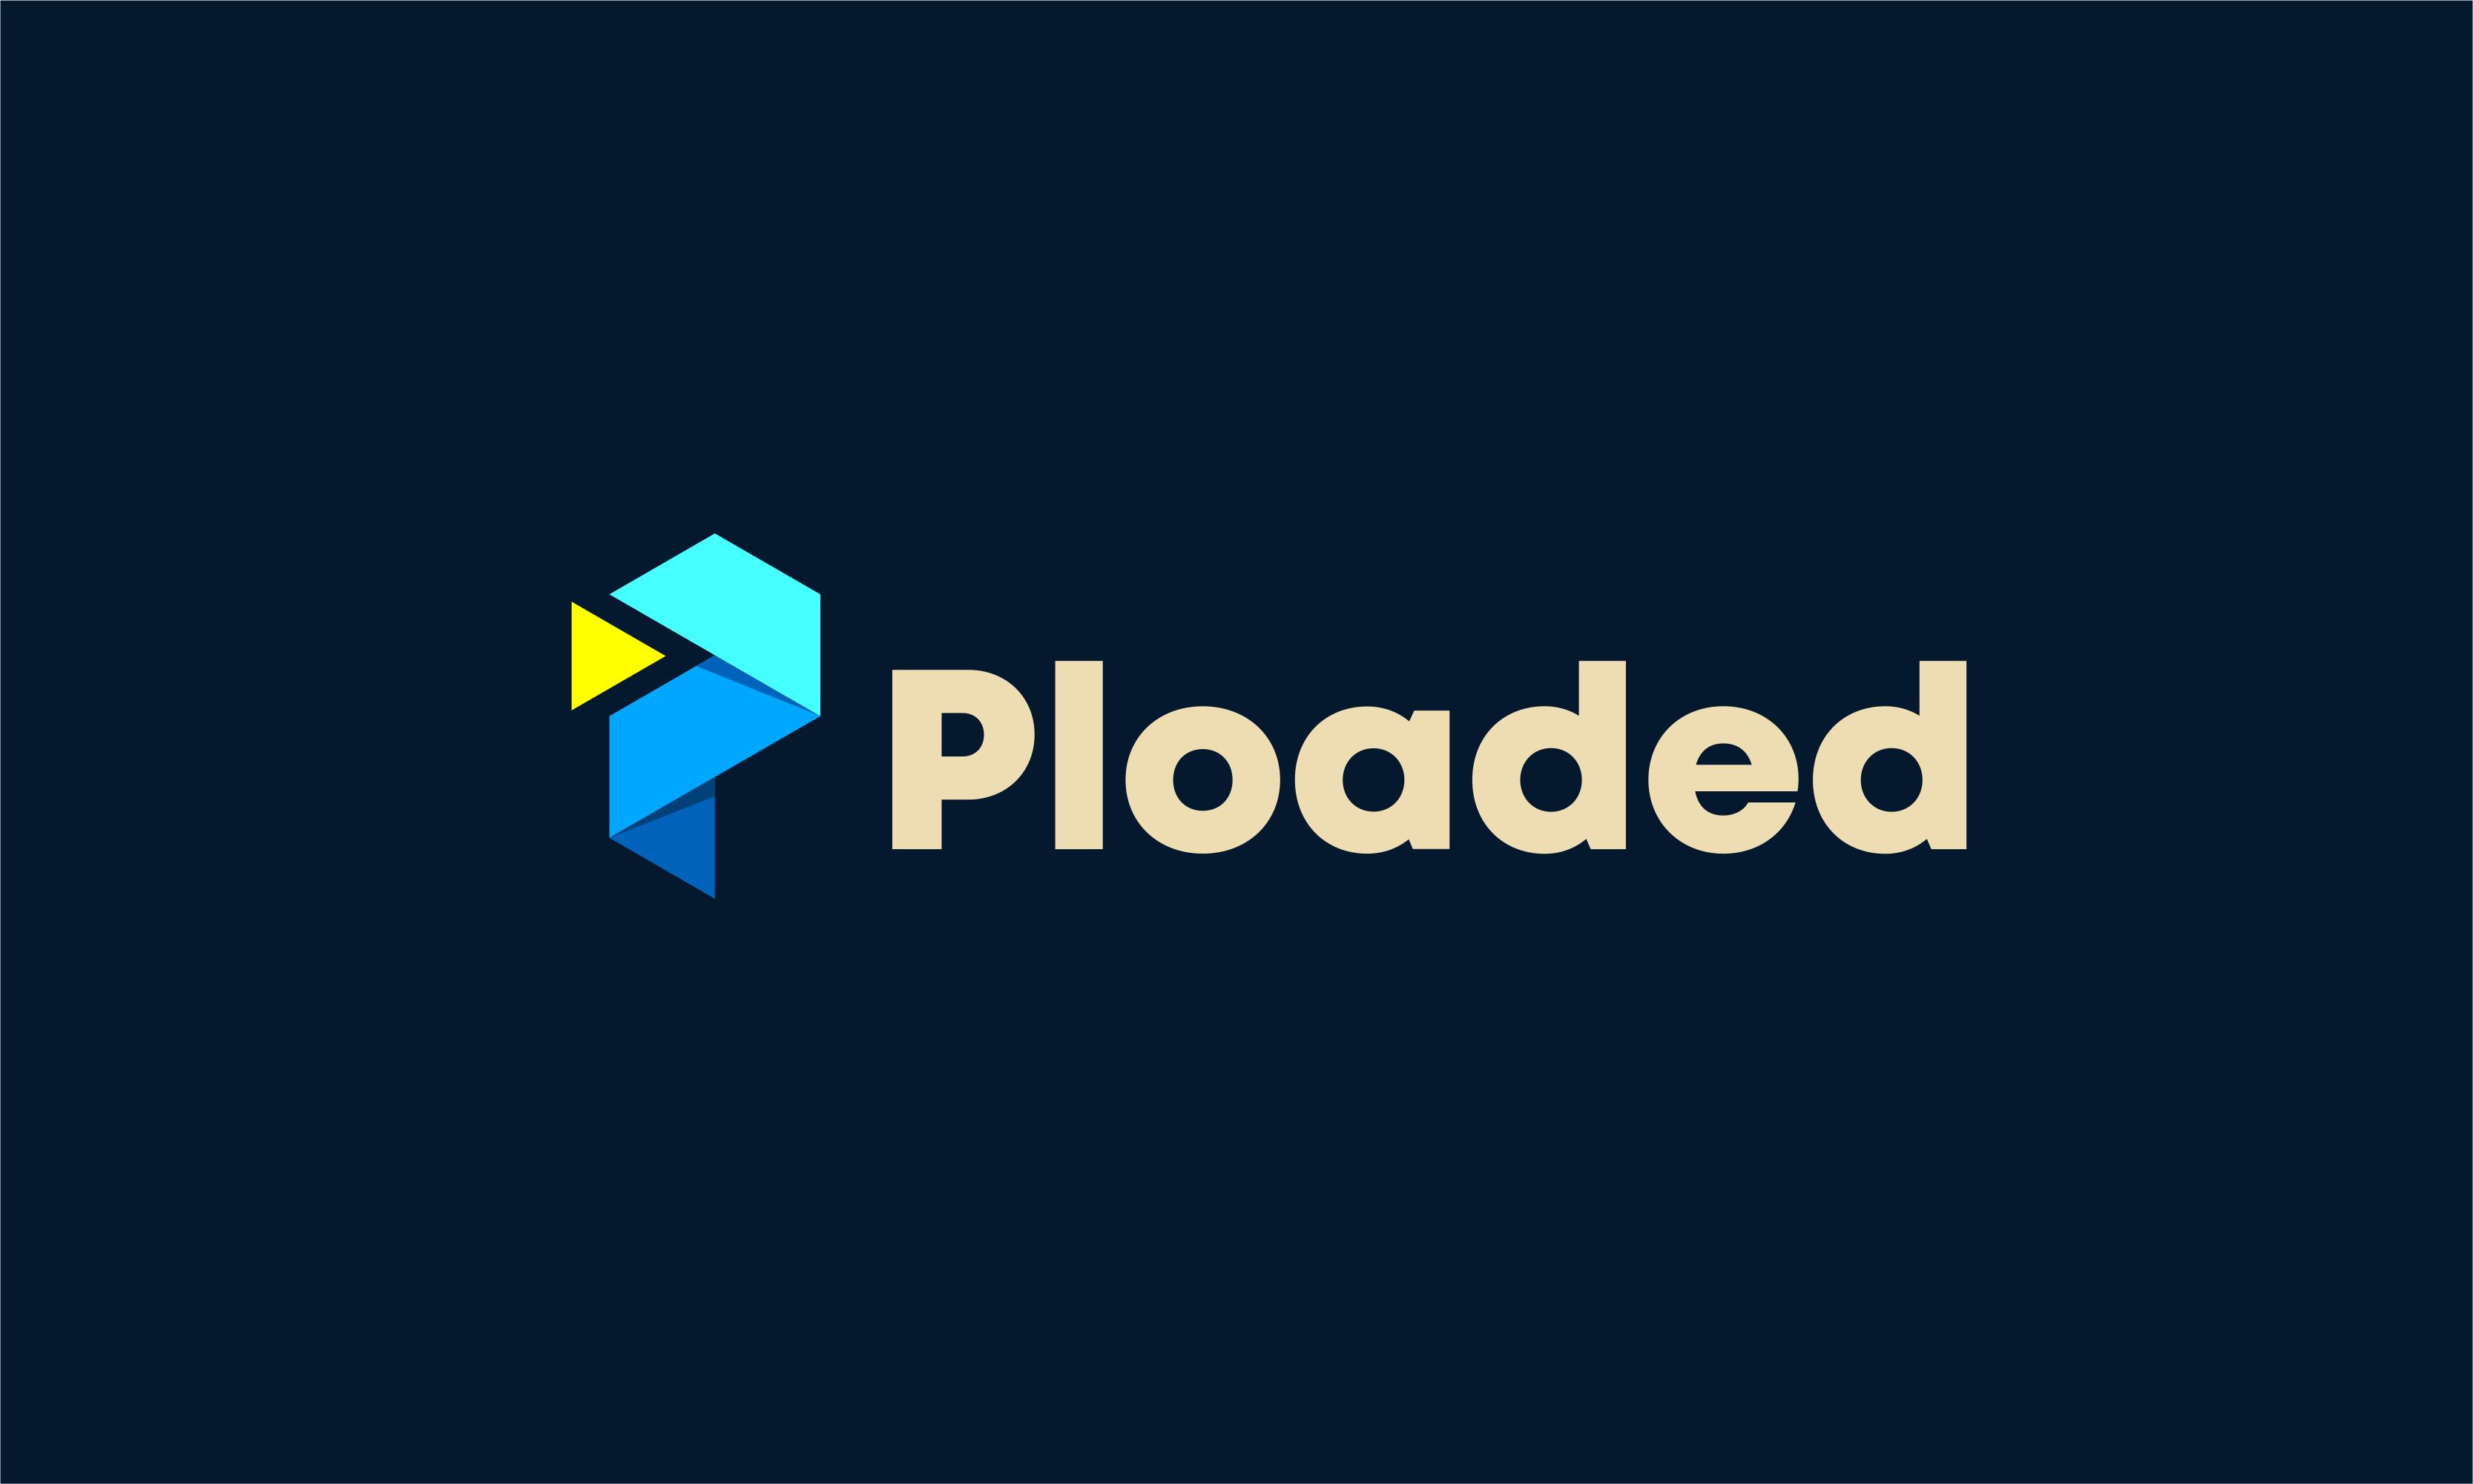 Ploaded